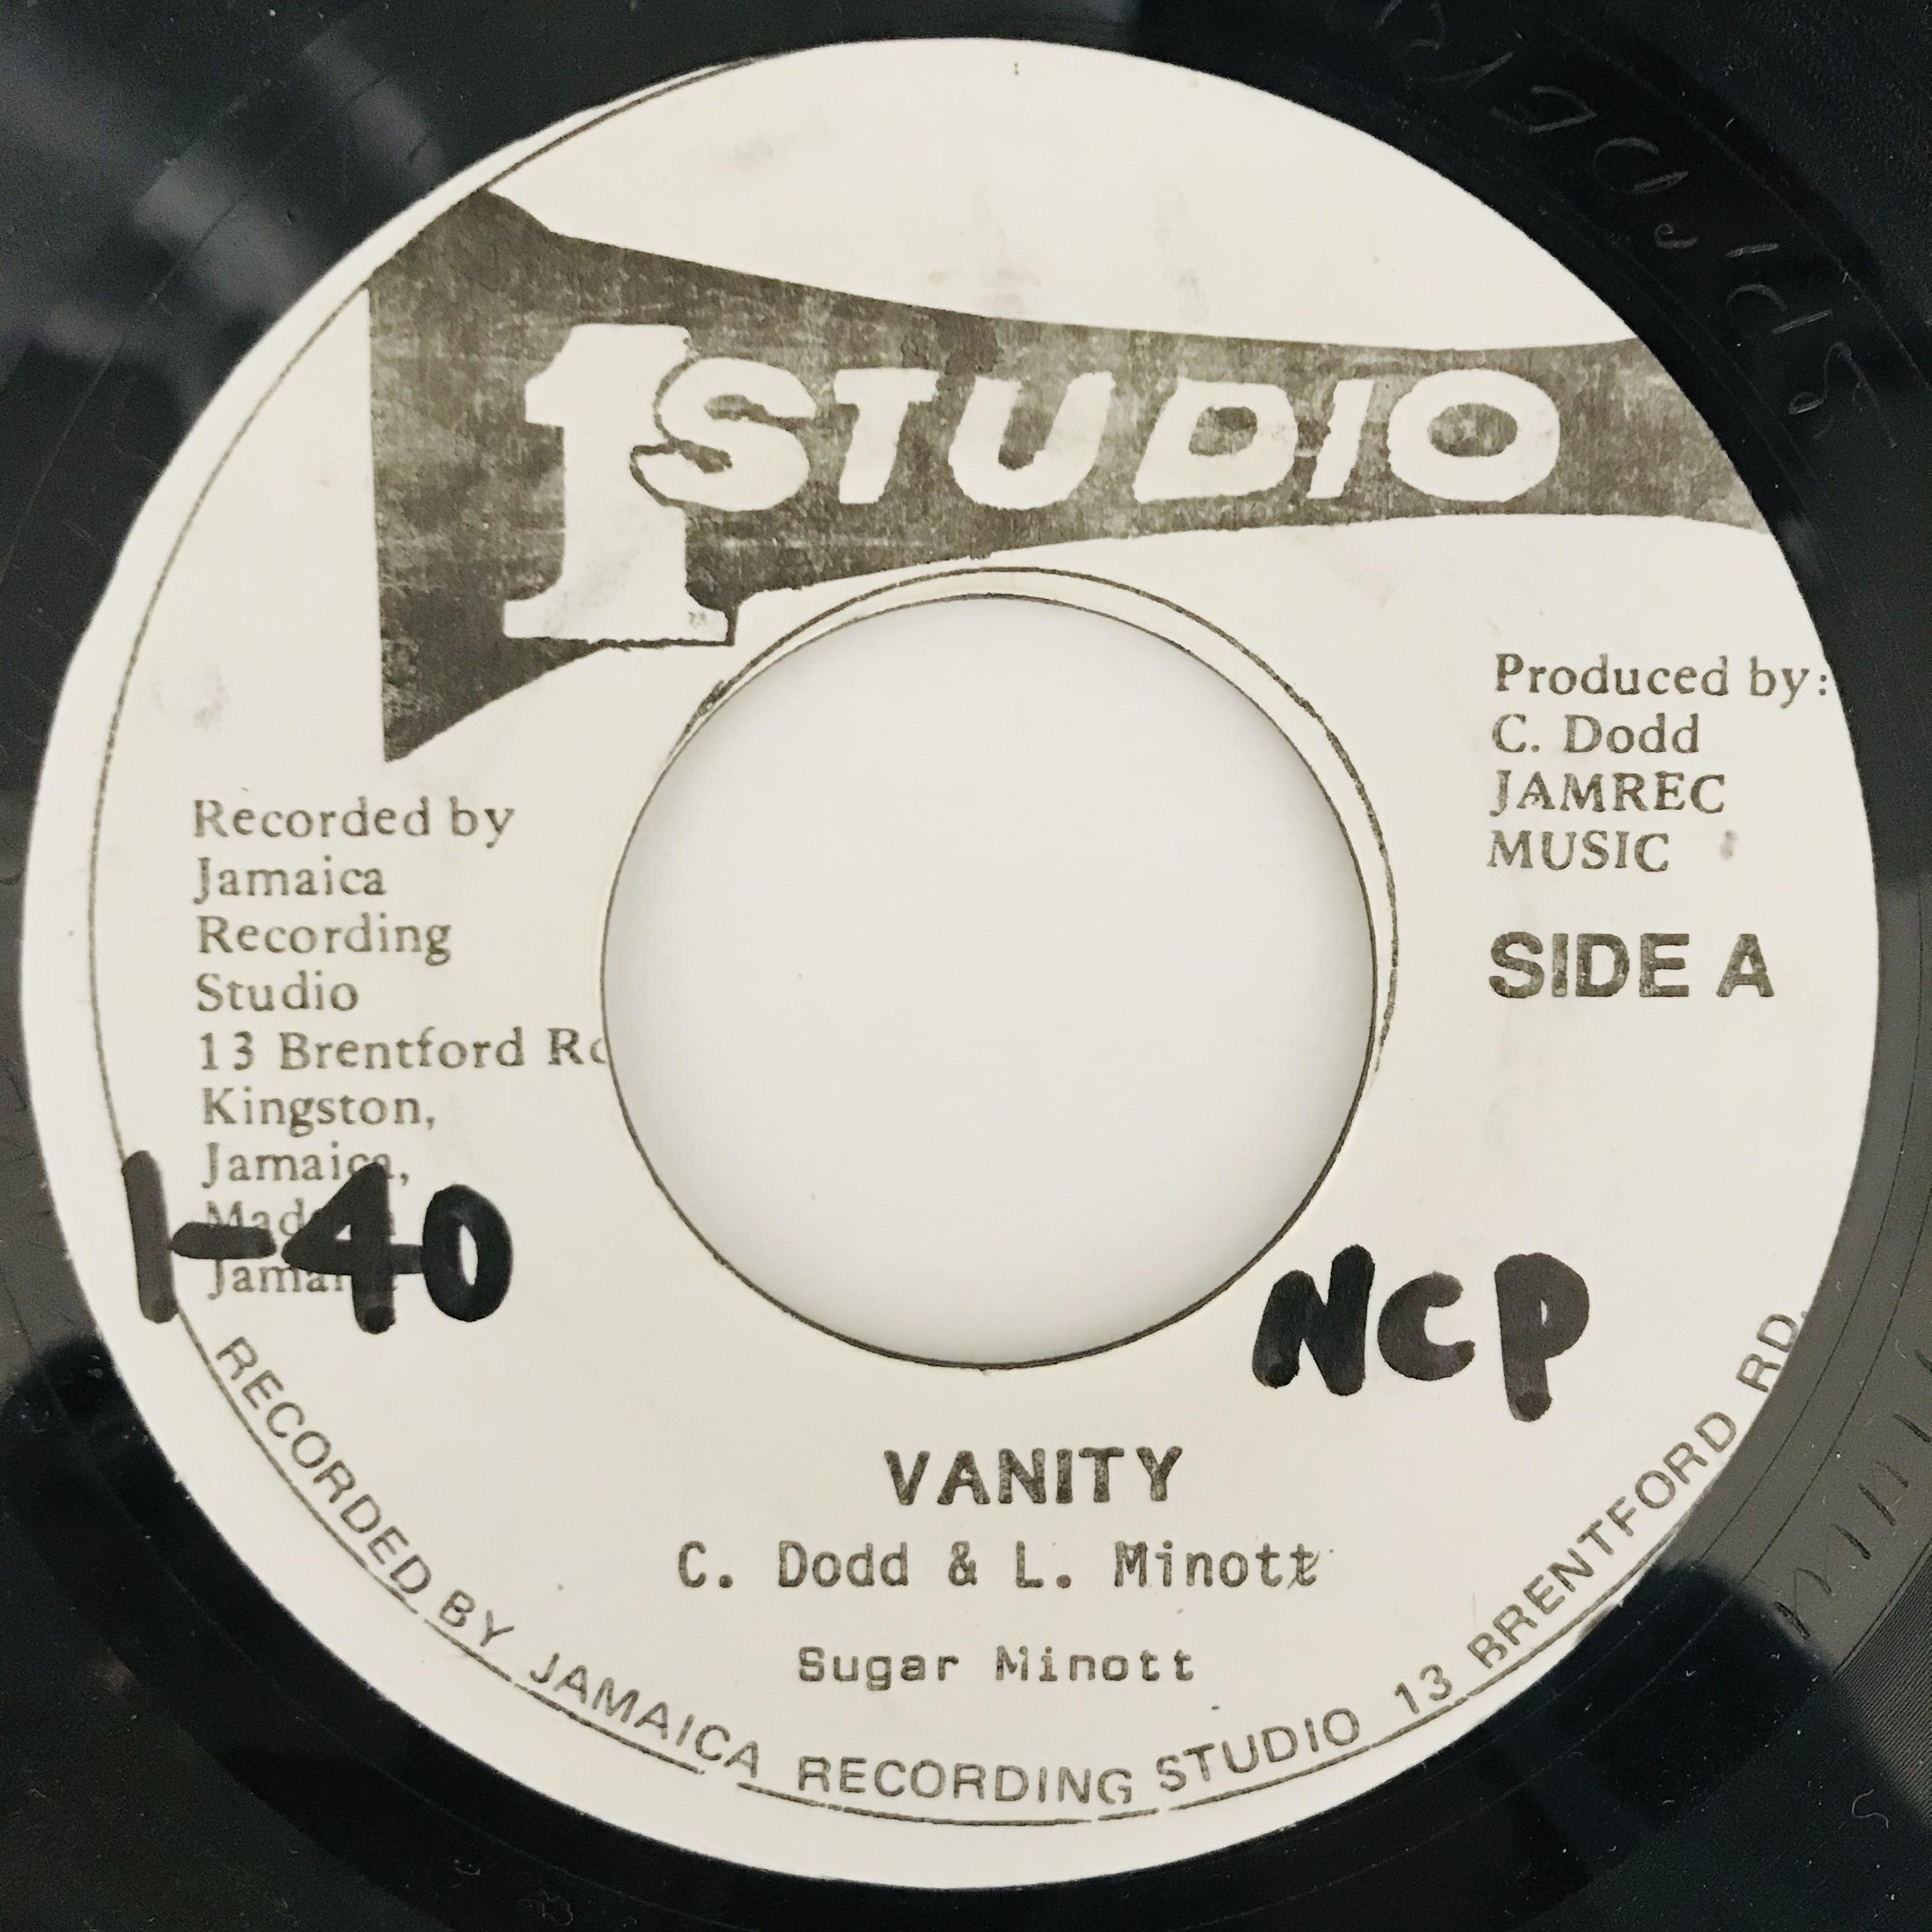 Sugar Minott - Vanity【7-11022】